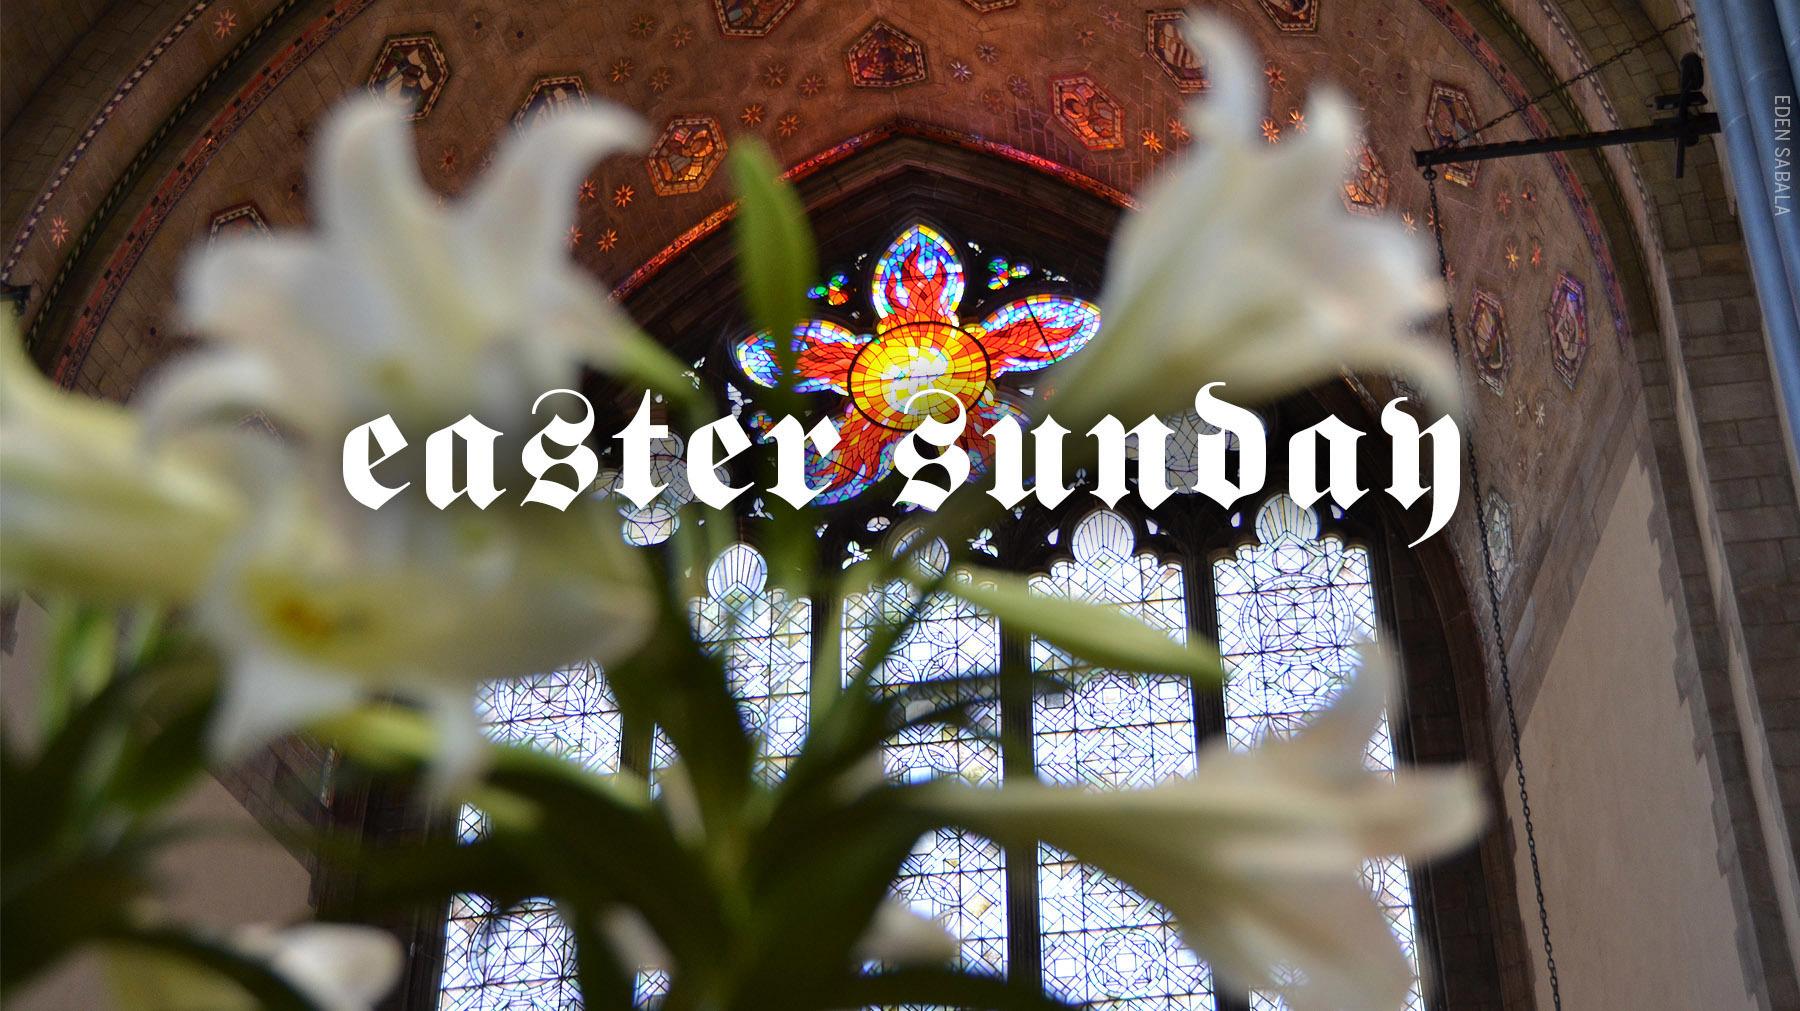 Rockefeller_banner_easter_sunday_1